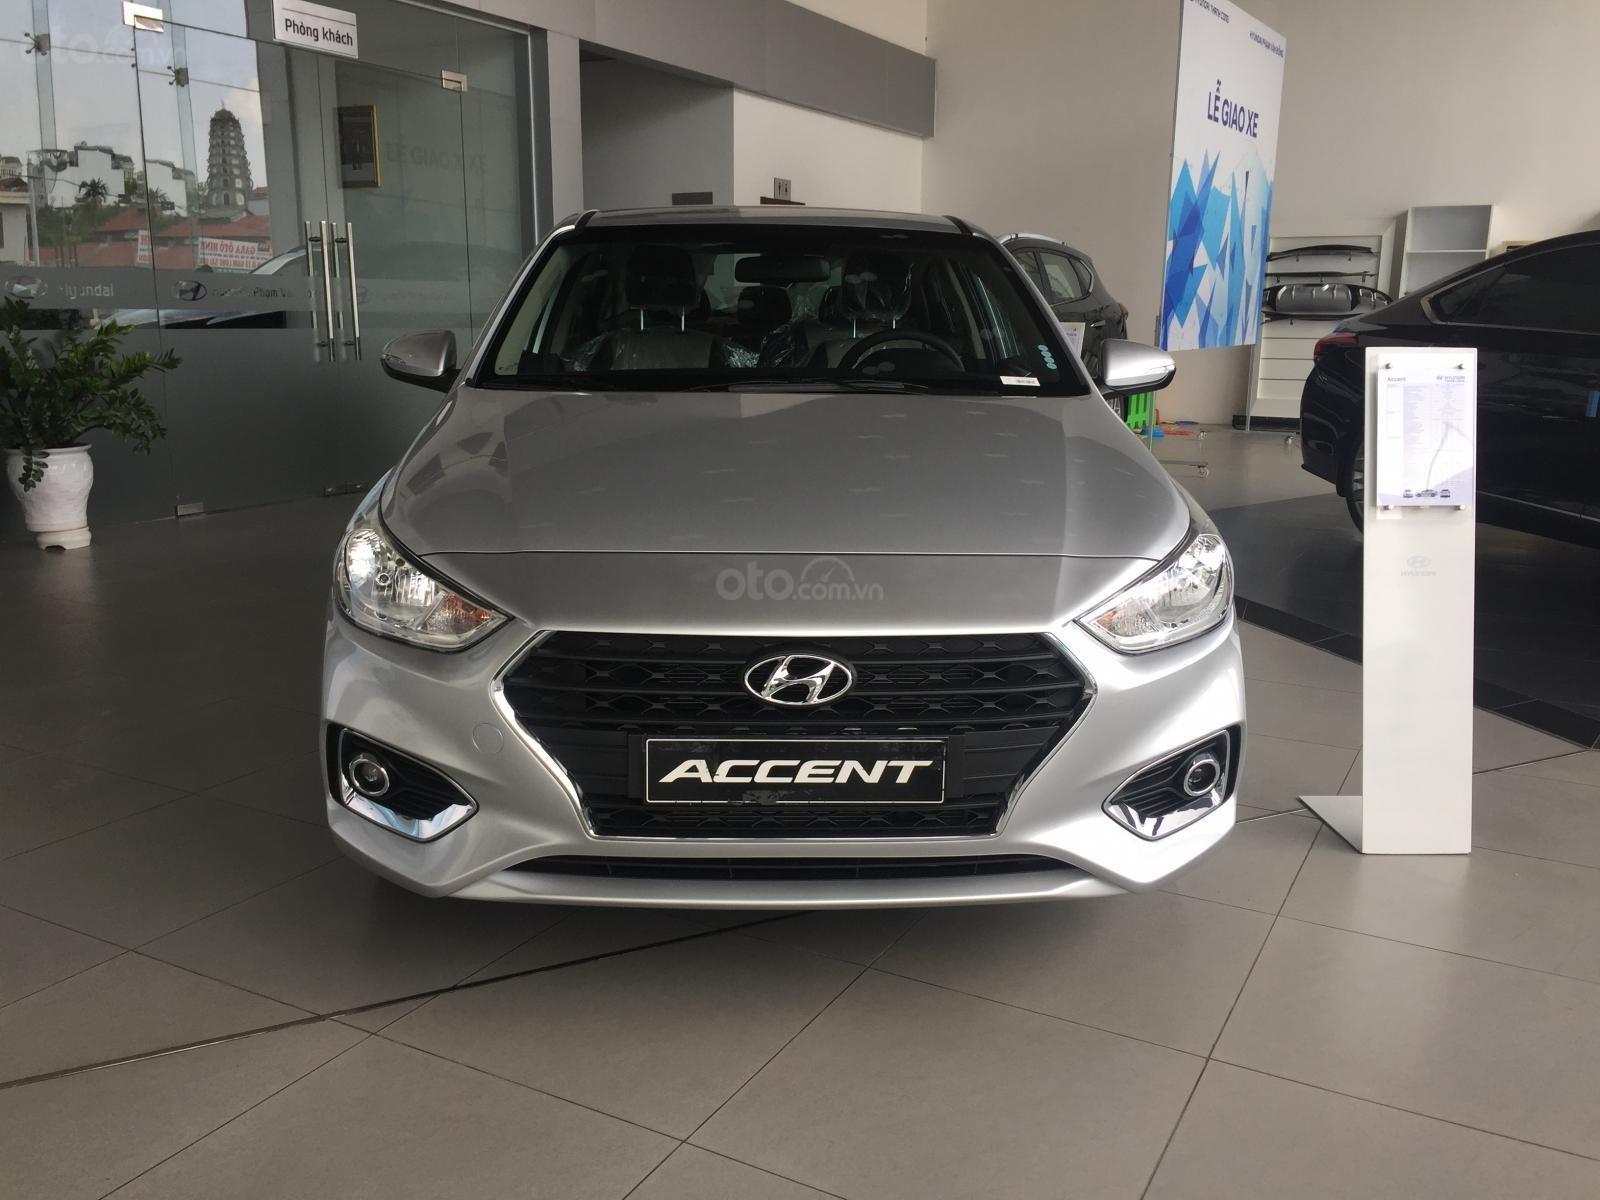 Bán Hyundai Accent 1.4 MT tiêu chuẩn mới 2019, đủ màu giao ngay (1)